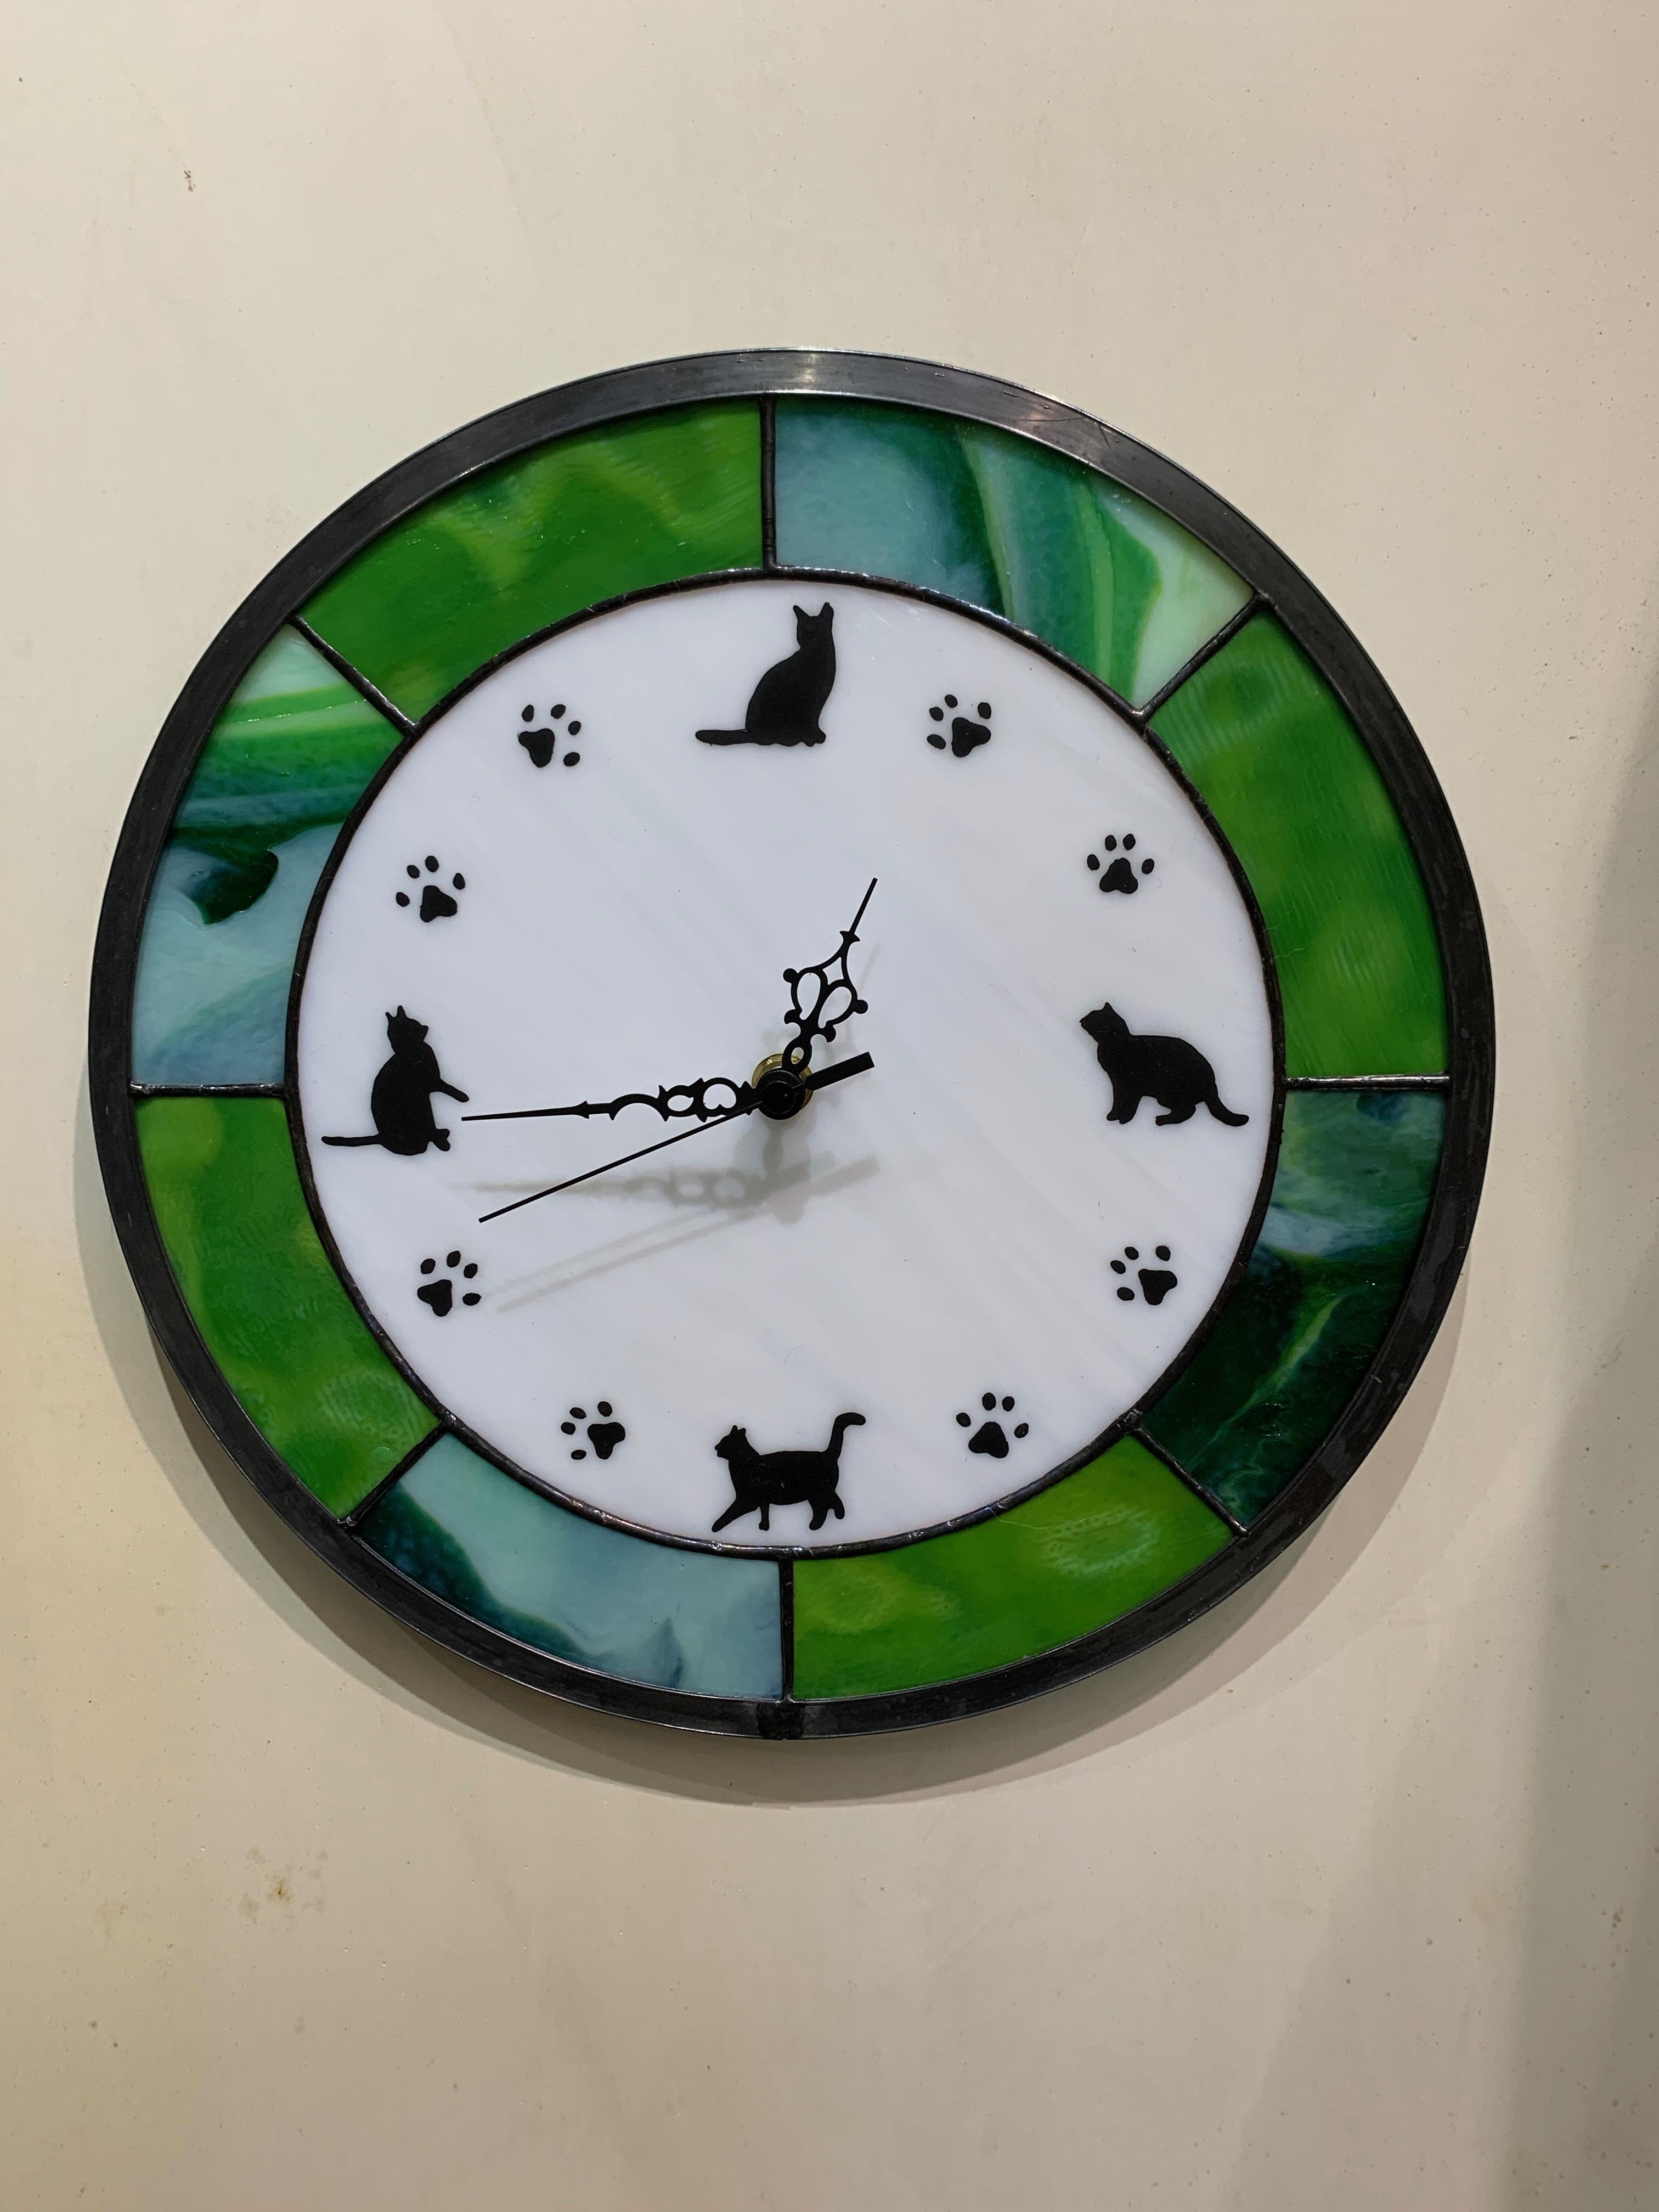 ねこ時計(ステンドグラスの壁掛け時計) 02120001